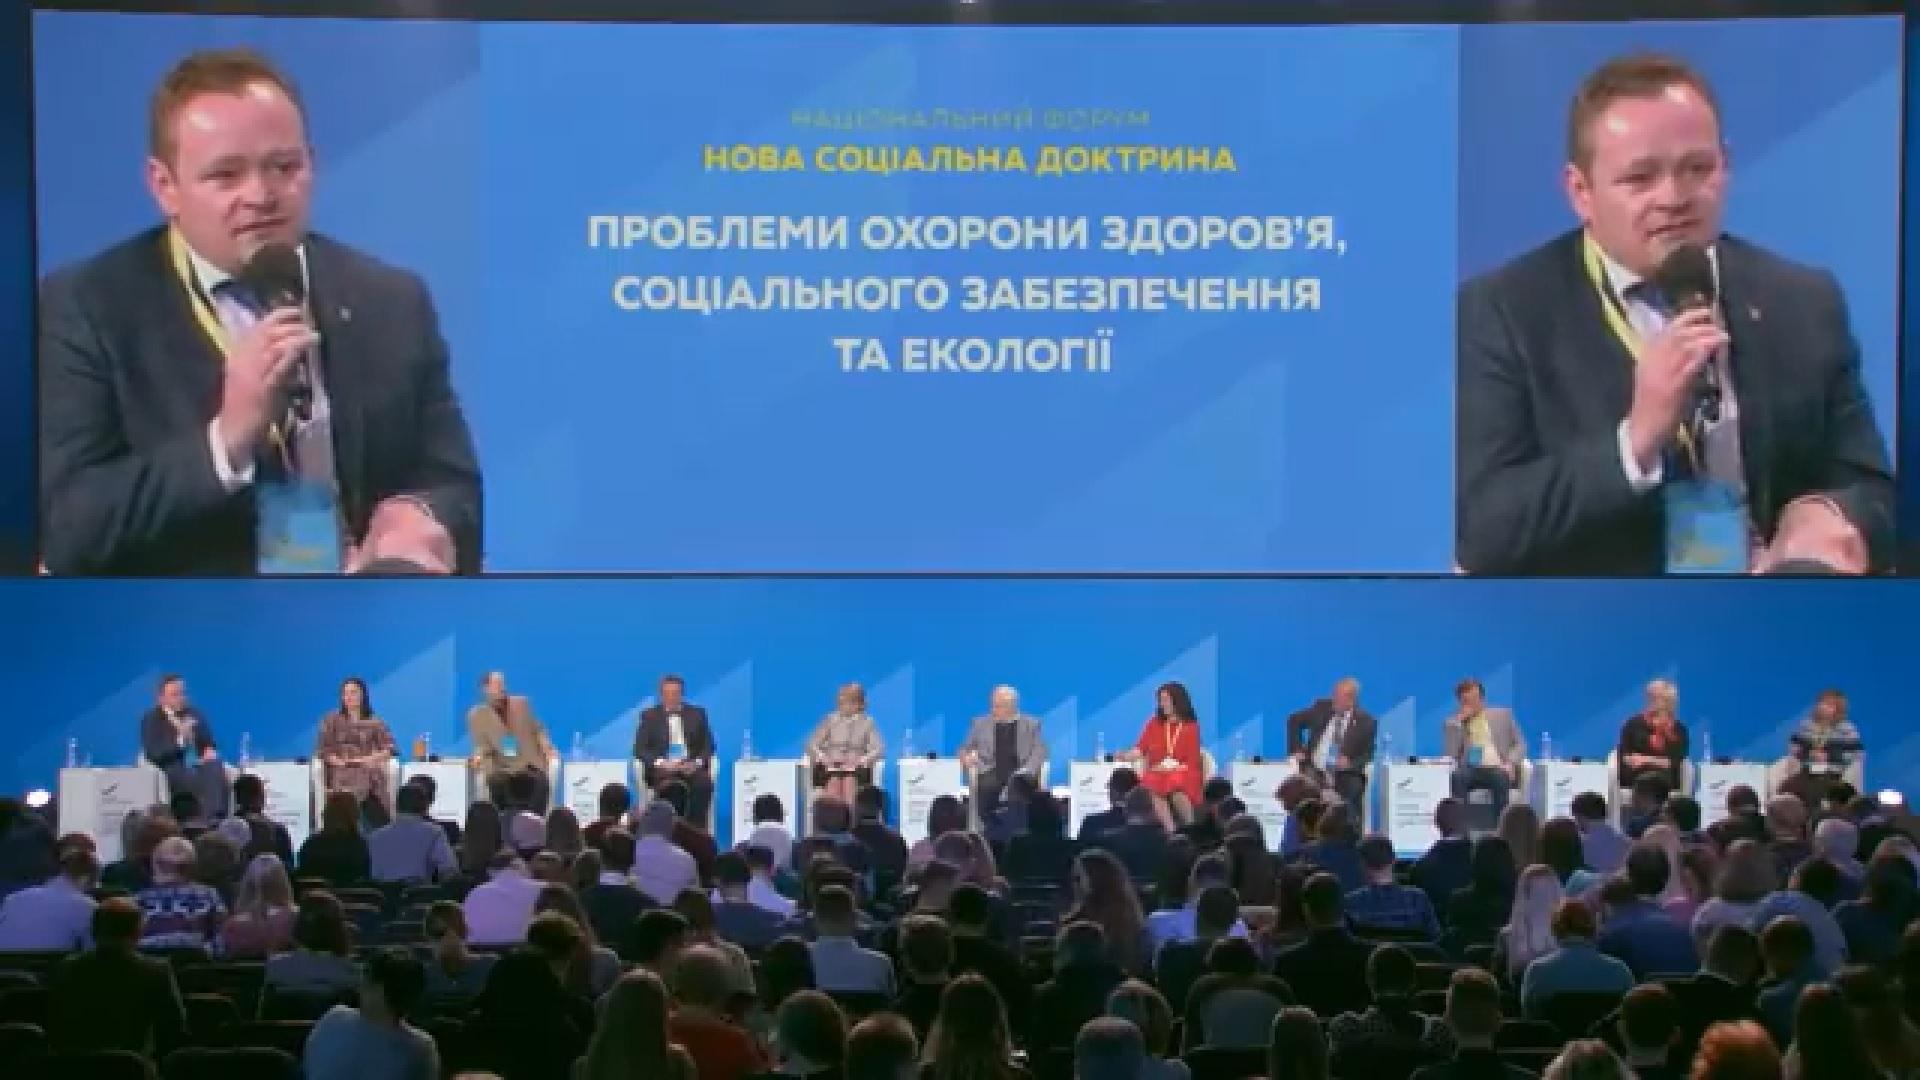 Засновник ліцею Андрій Дикун про проблеми української освіти (відео)